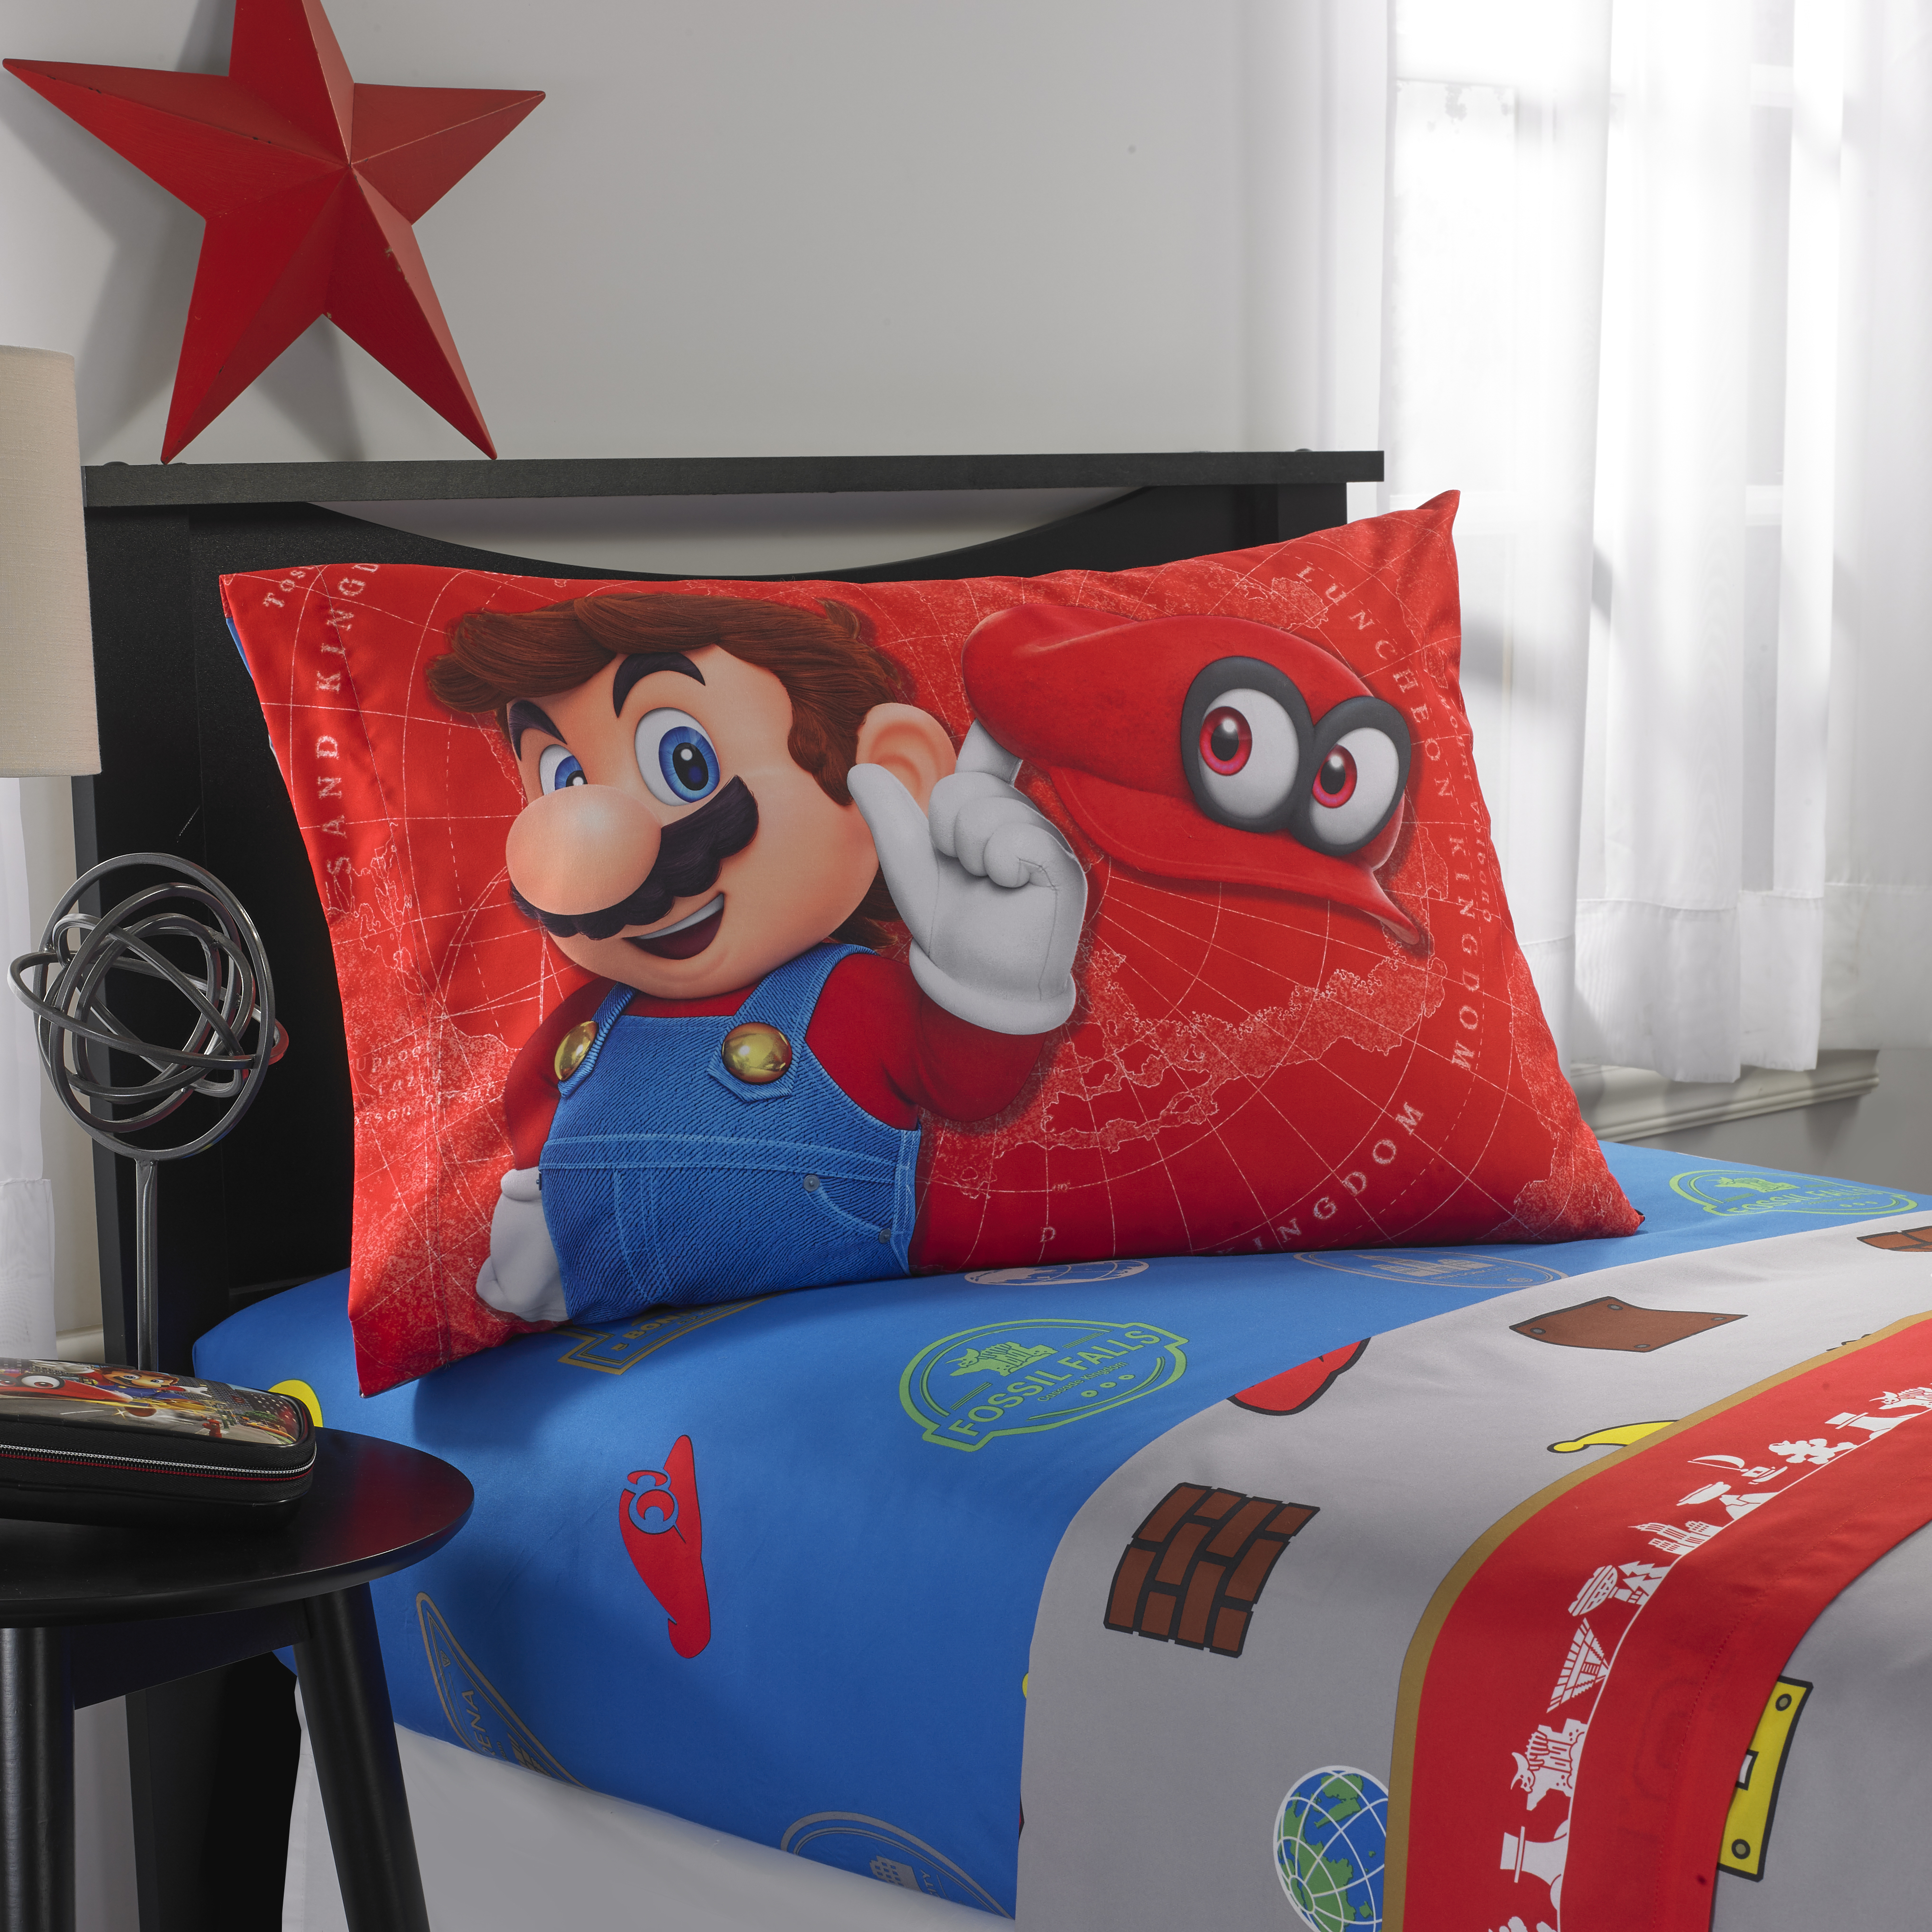 Nintendo Super Mario 'Odyssey Fun' Kids Bedding SHeet Set, Full by Franco Manufacturing